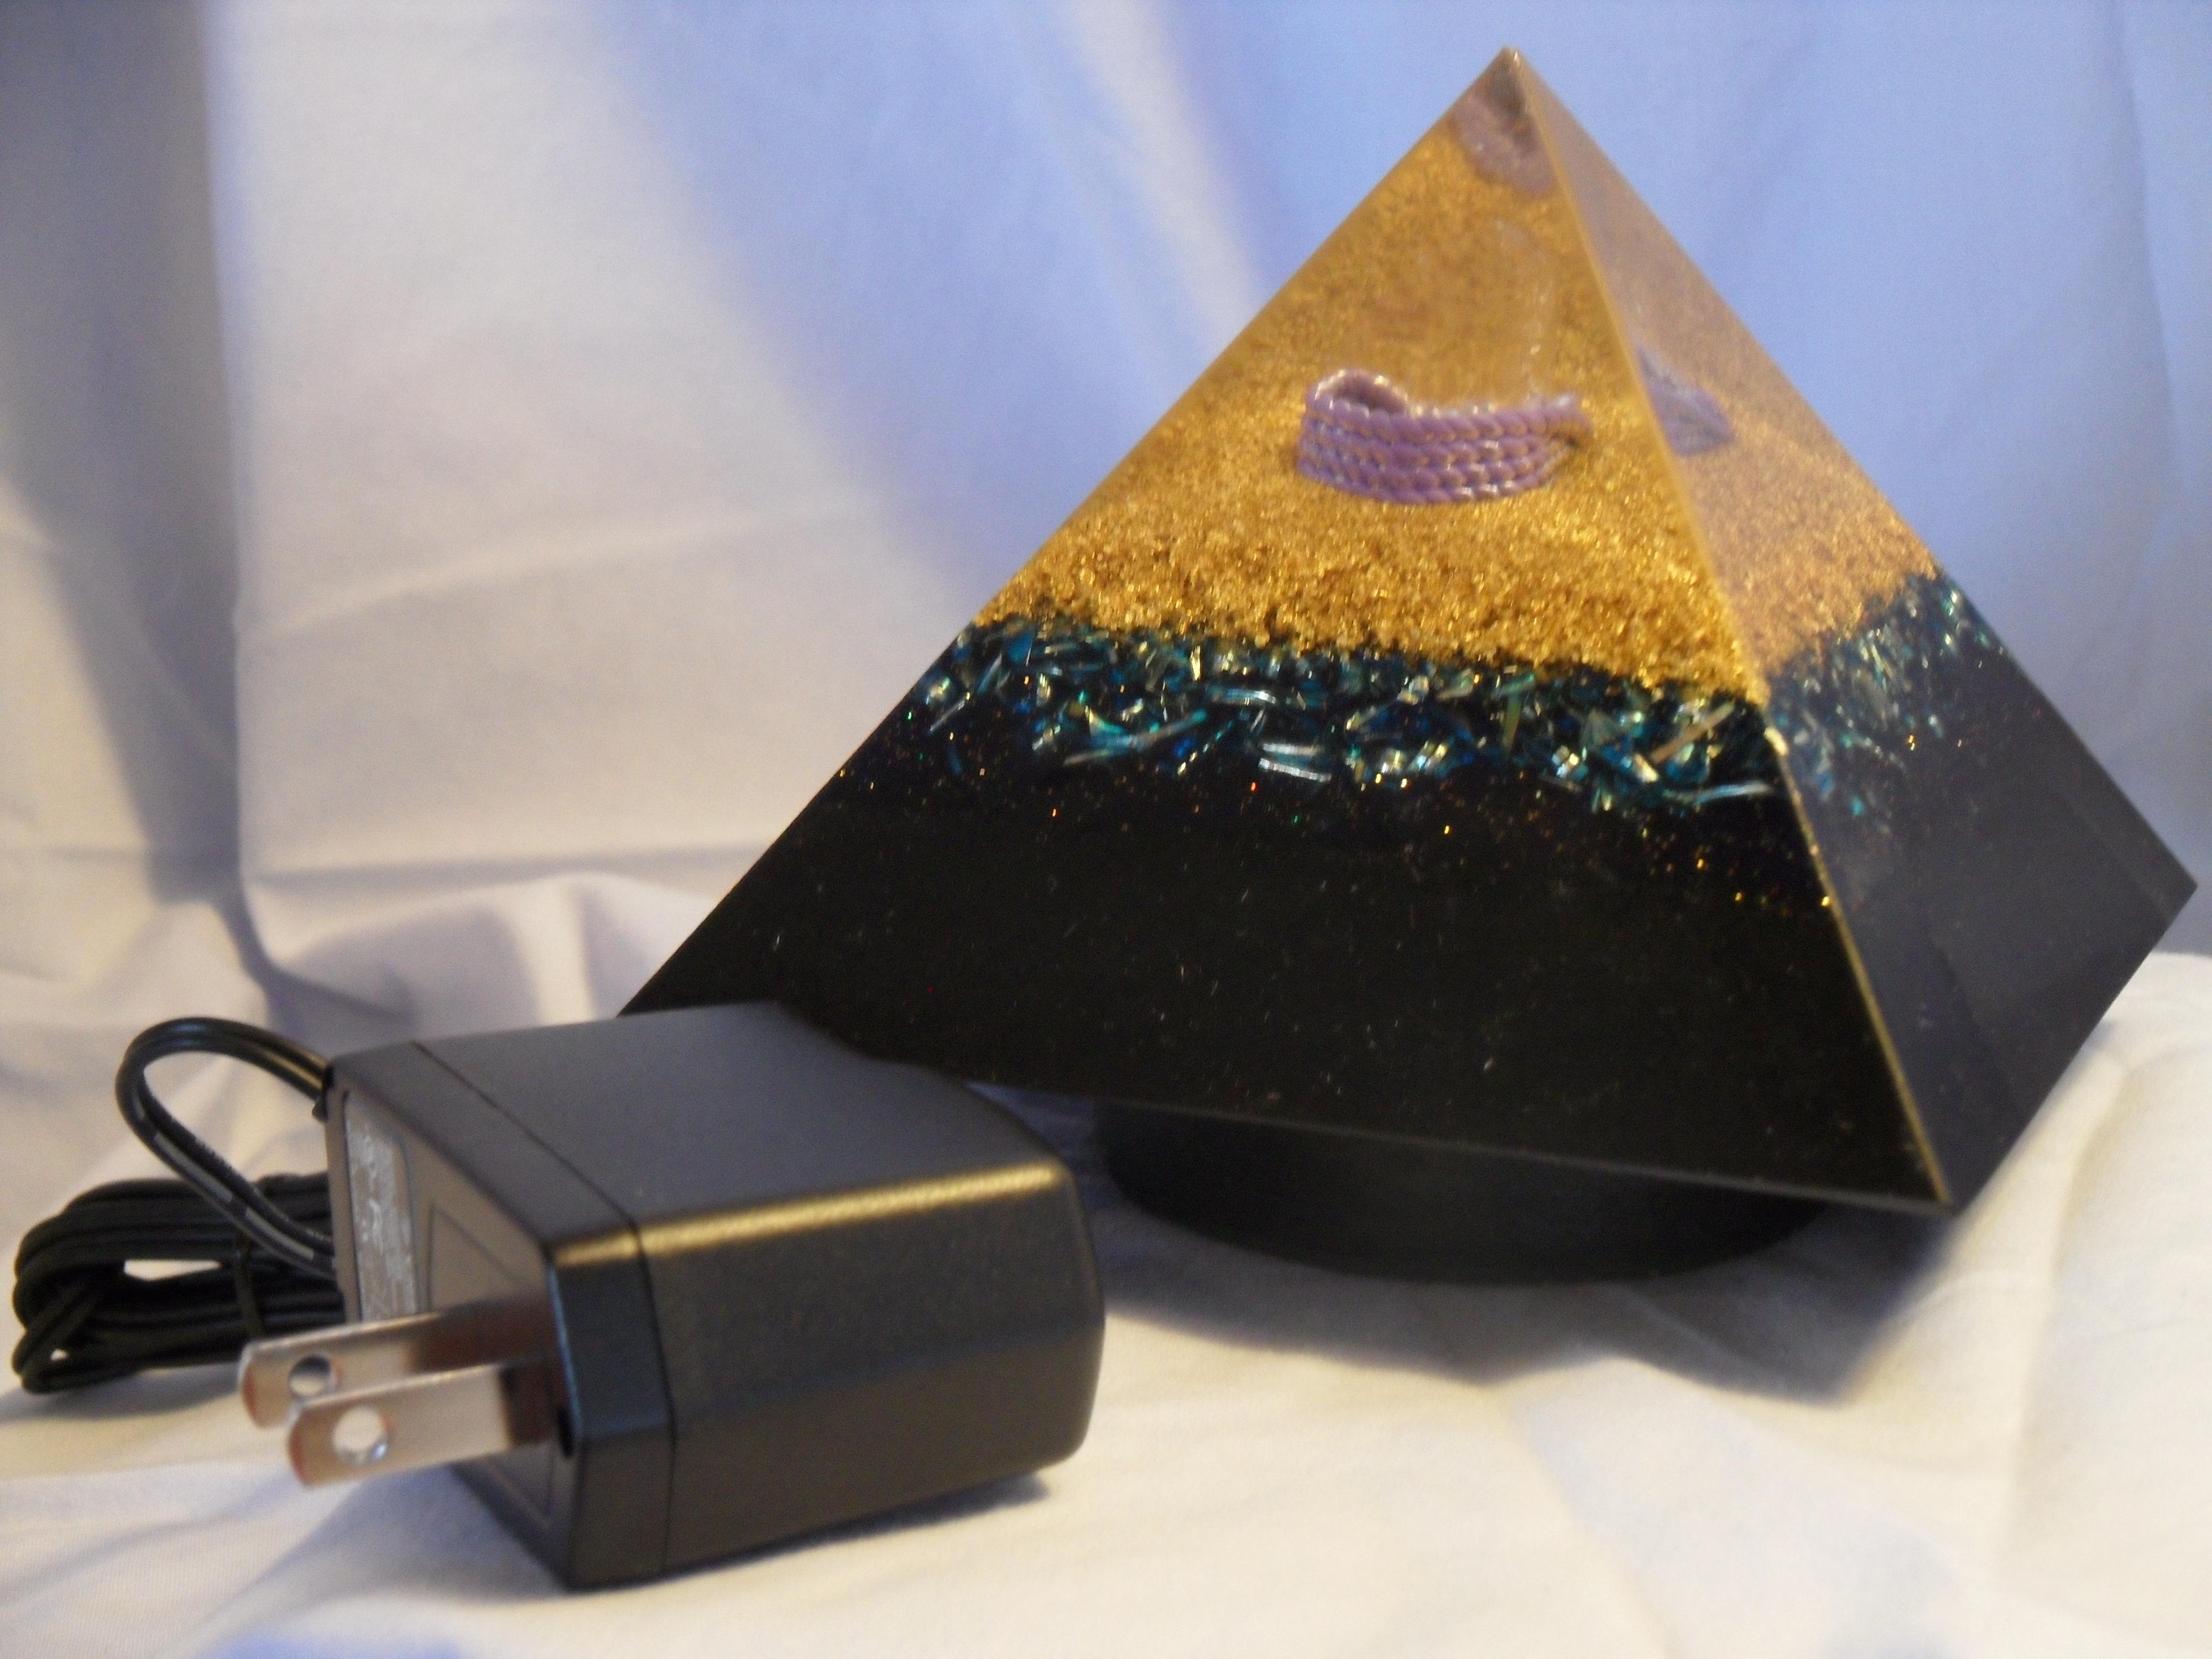 HONEE Pulsed Nano Pyramid